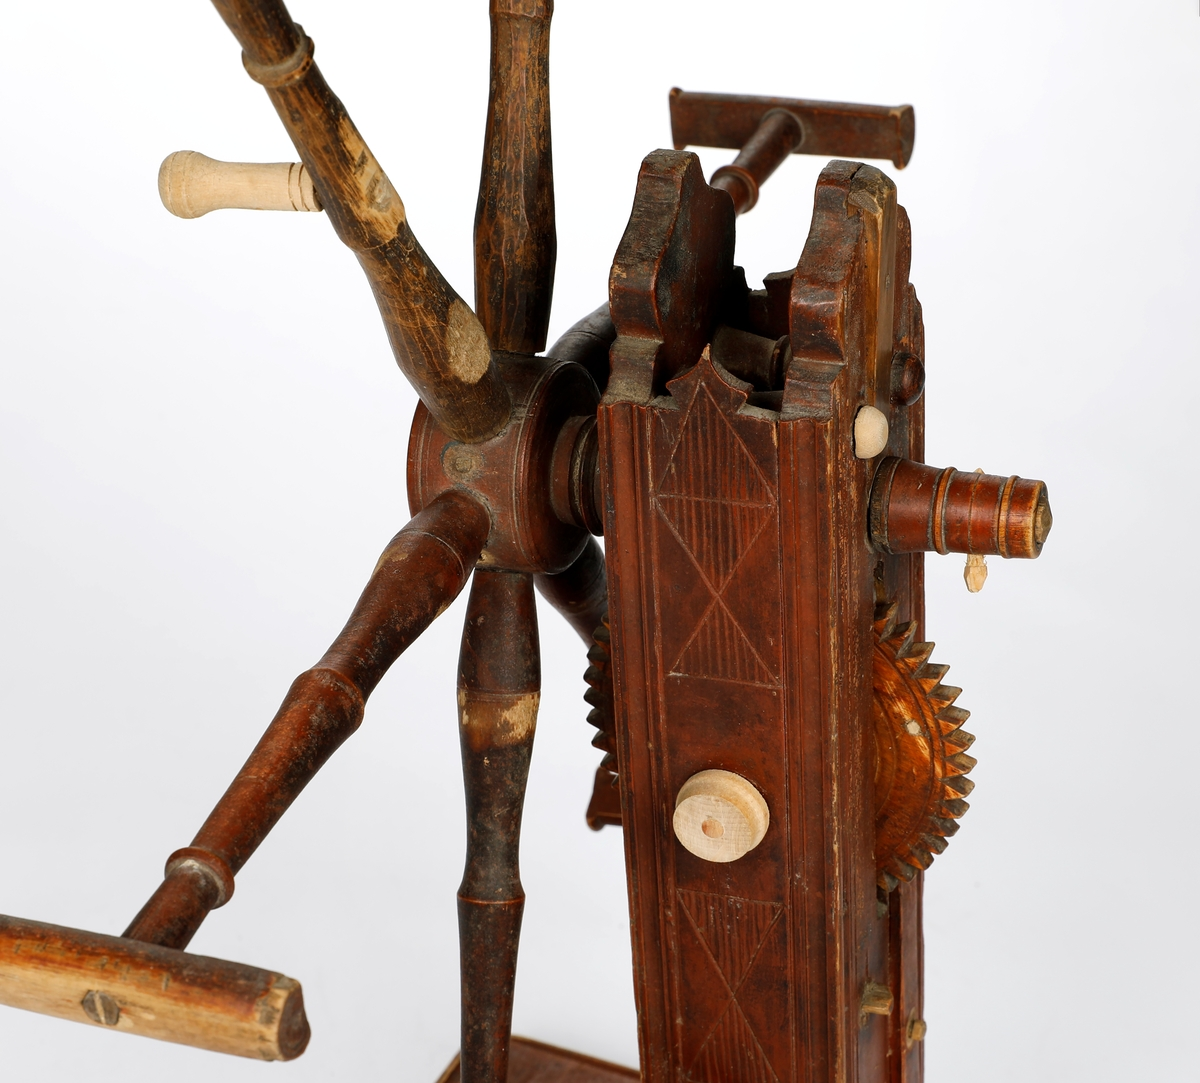 Rødbrunt hespetre med seks armer og telleverk. Ser ut til å være reparert med nydreid håndtak, ny ende på aksel og ny hette på enden av en dreid tapp i huset rundt telleverket. Har hatt tapper mellom armene en gang. Foten har to bøyler til garn og to armer til snelle.